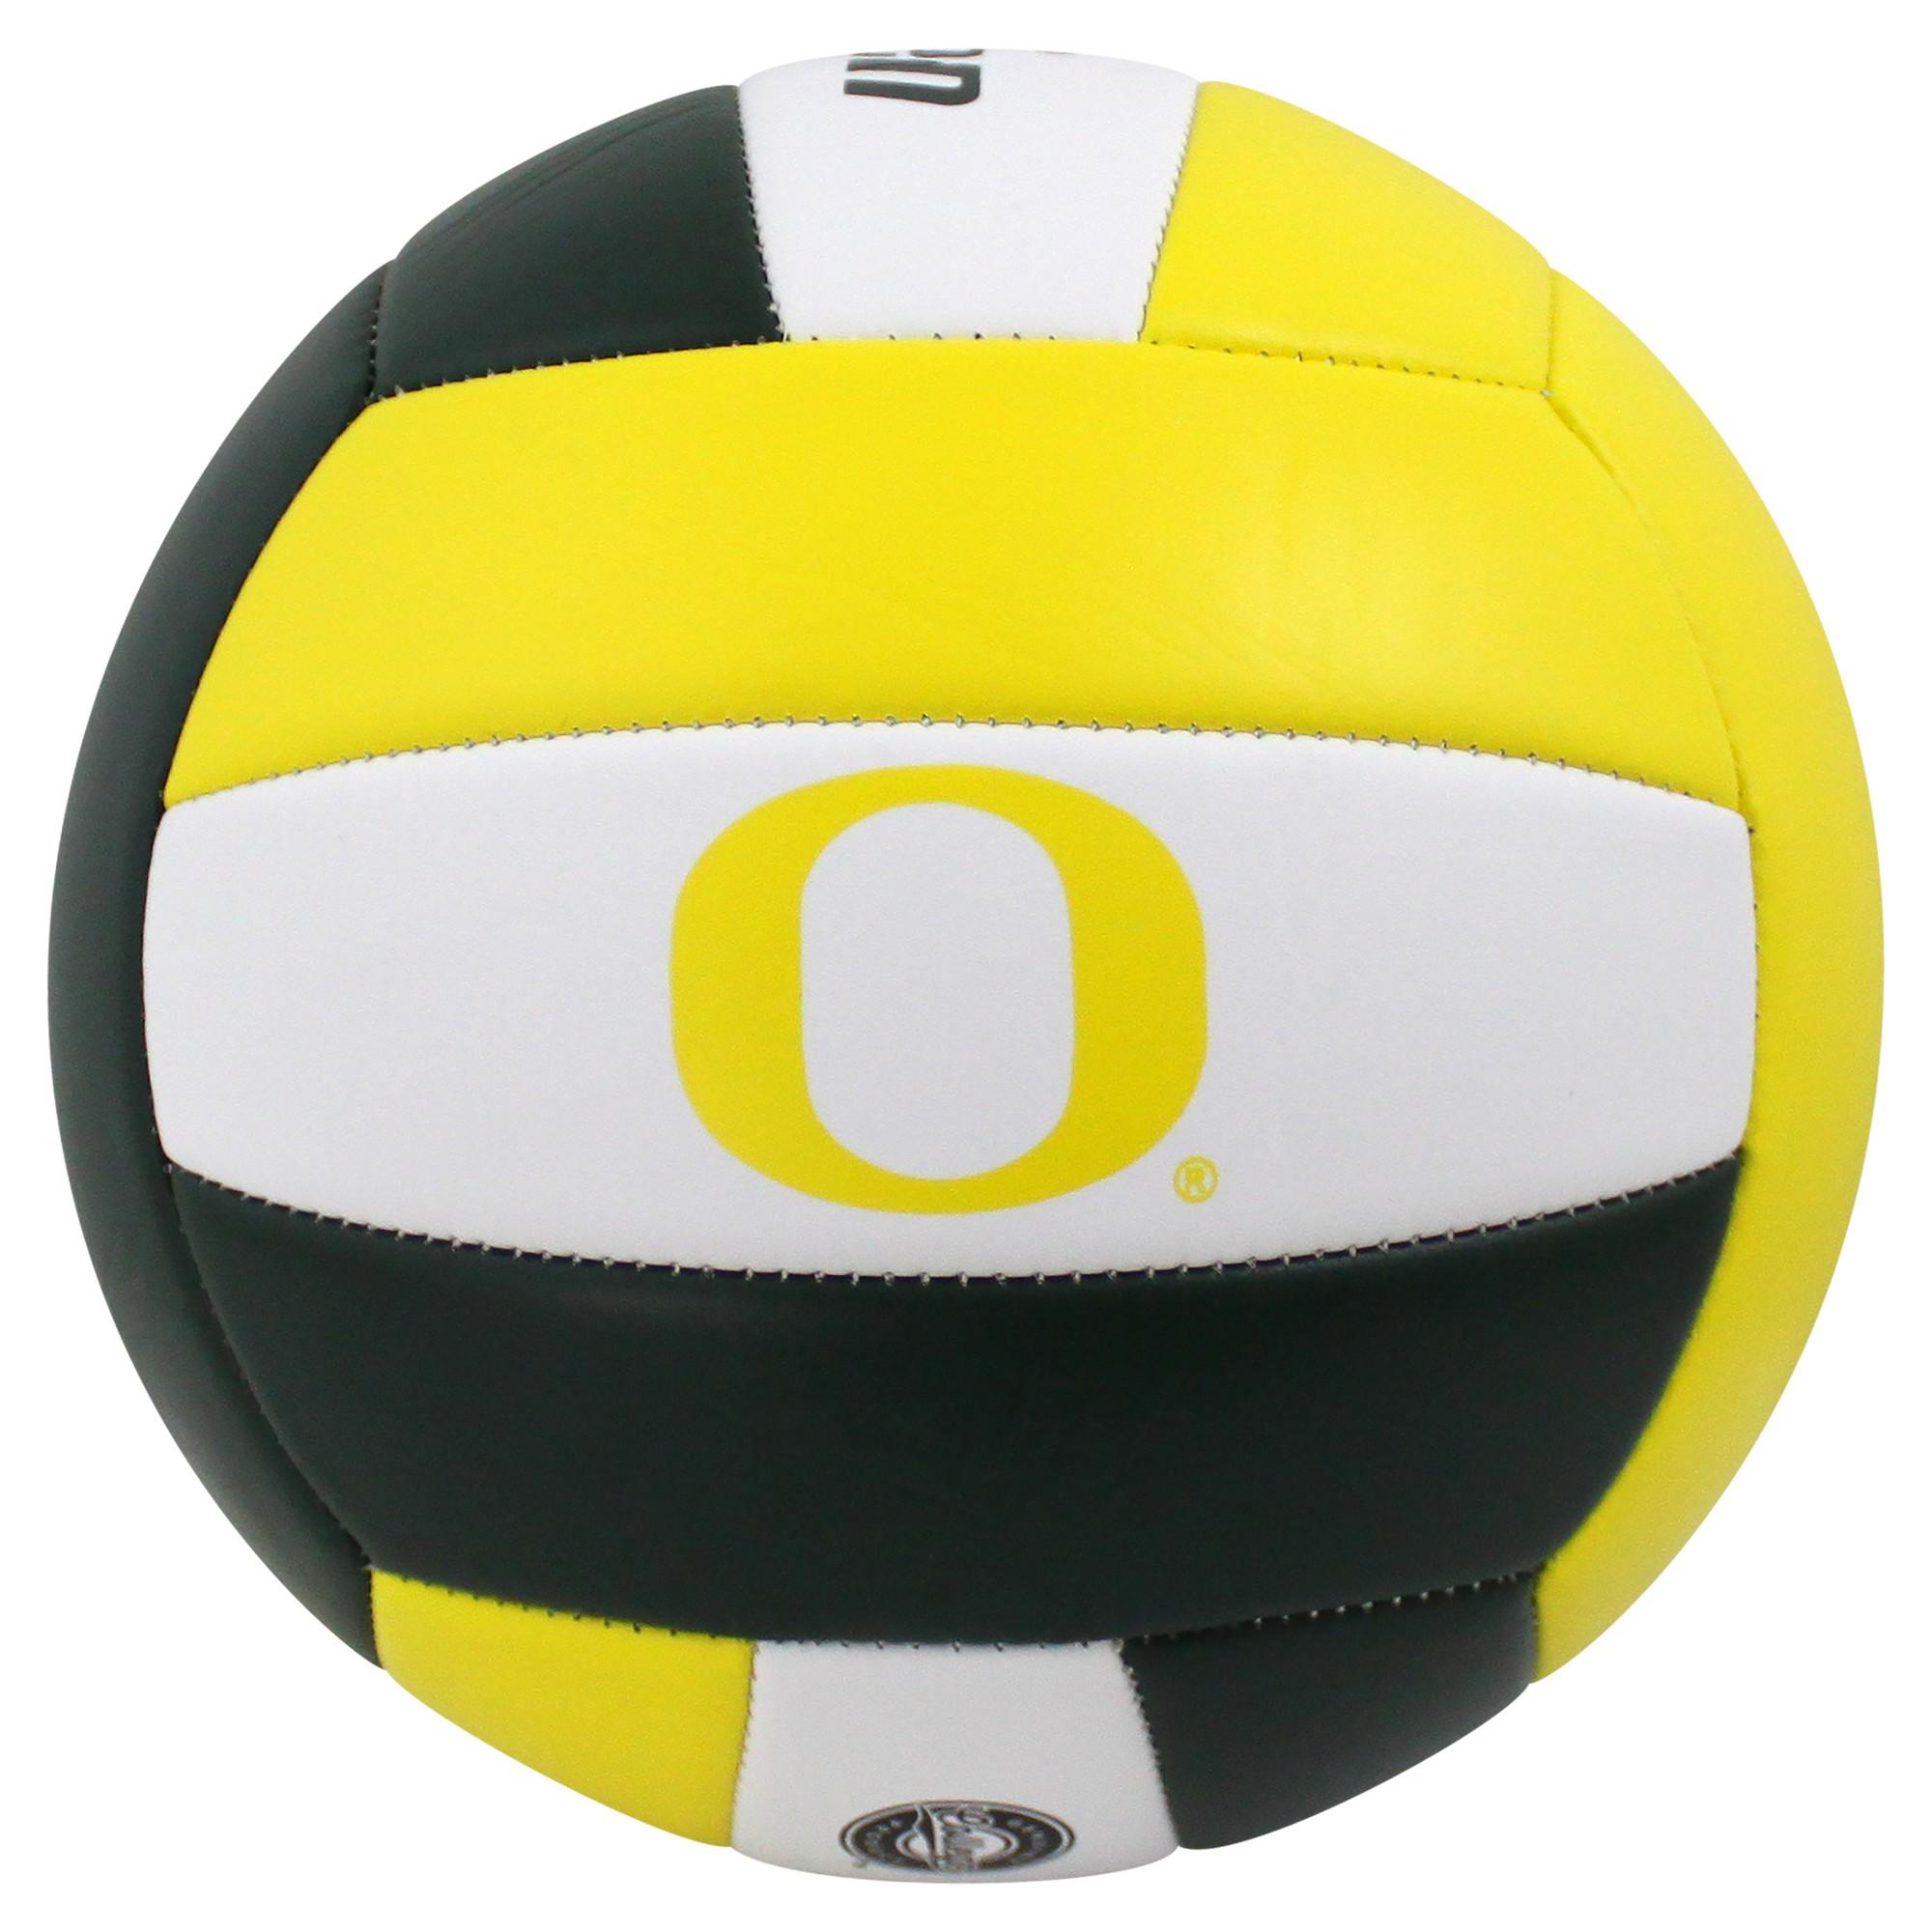 Oregon Ducks Vintage Mini Football Oregon Ducks Mini Footballs Volleyball Skills